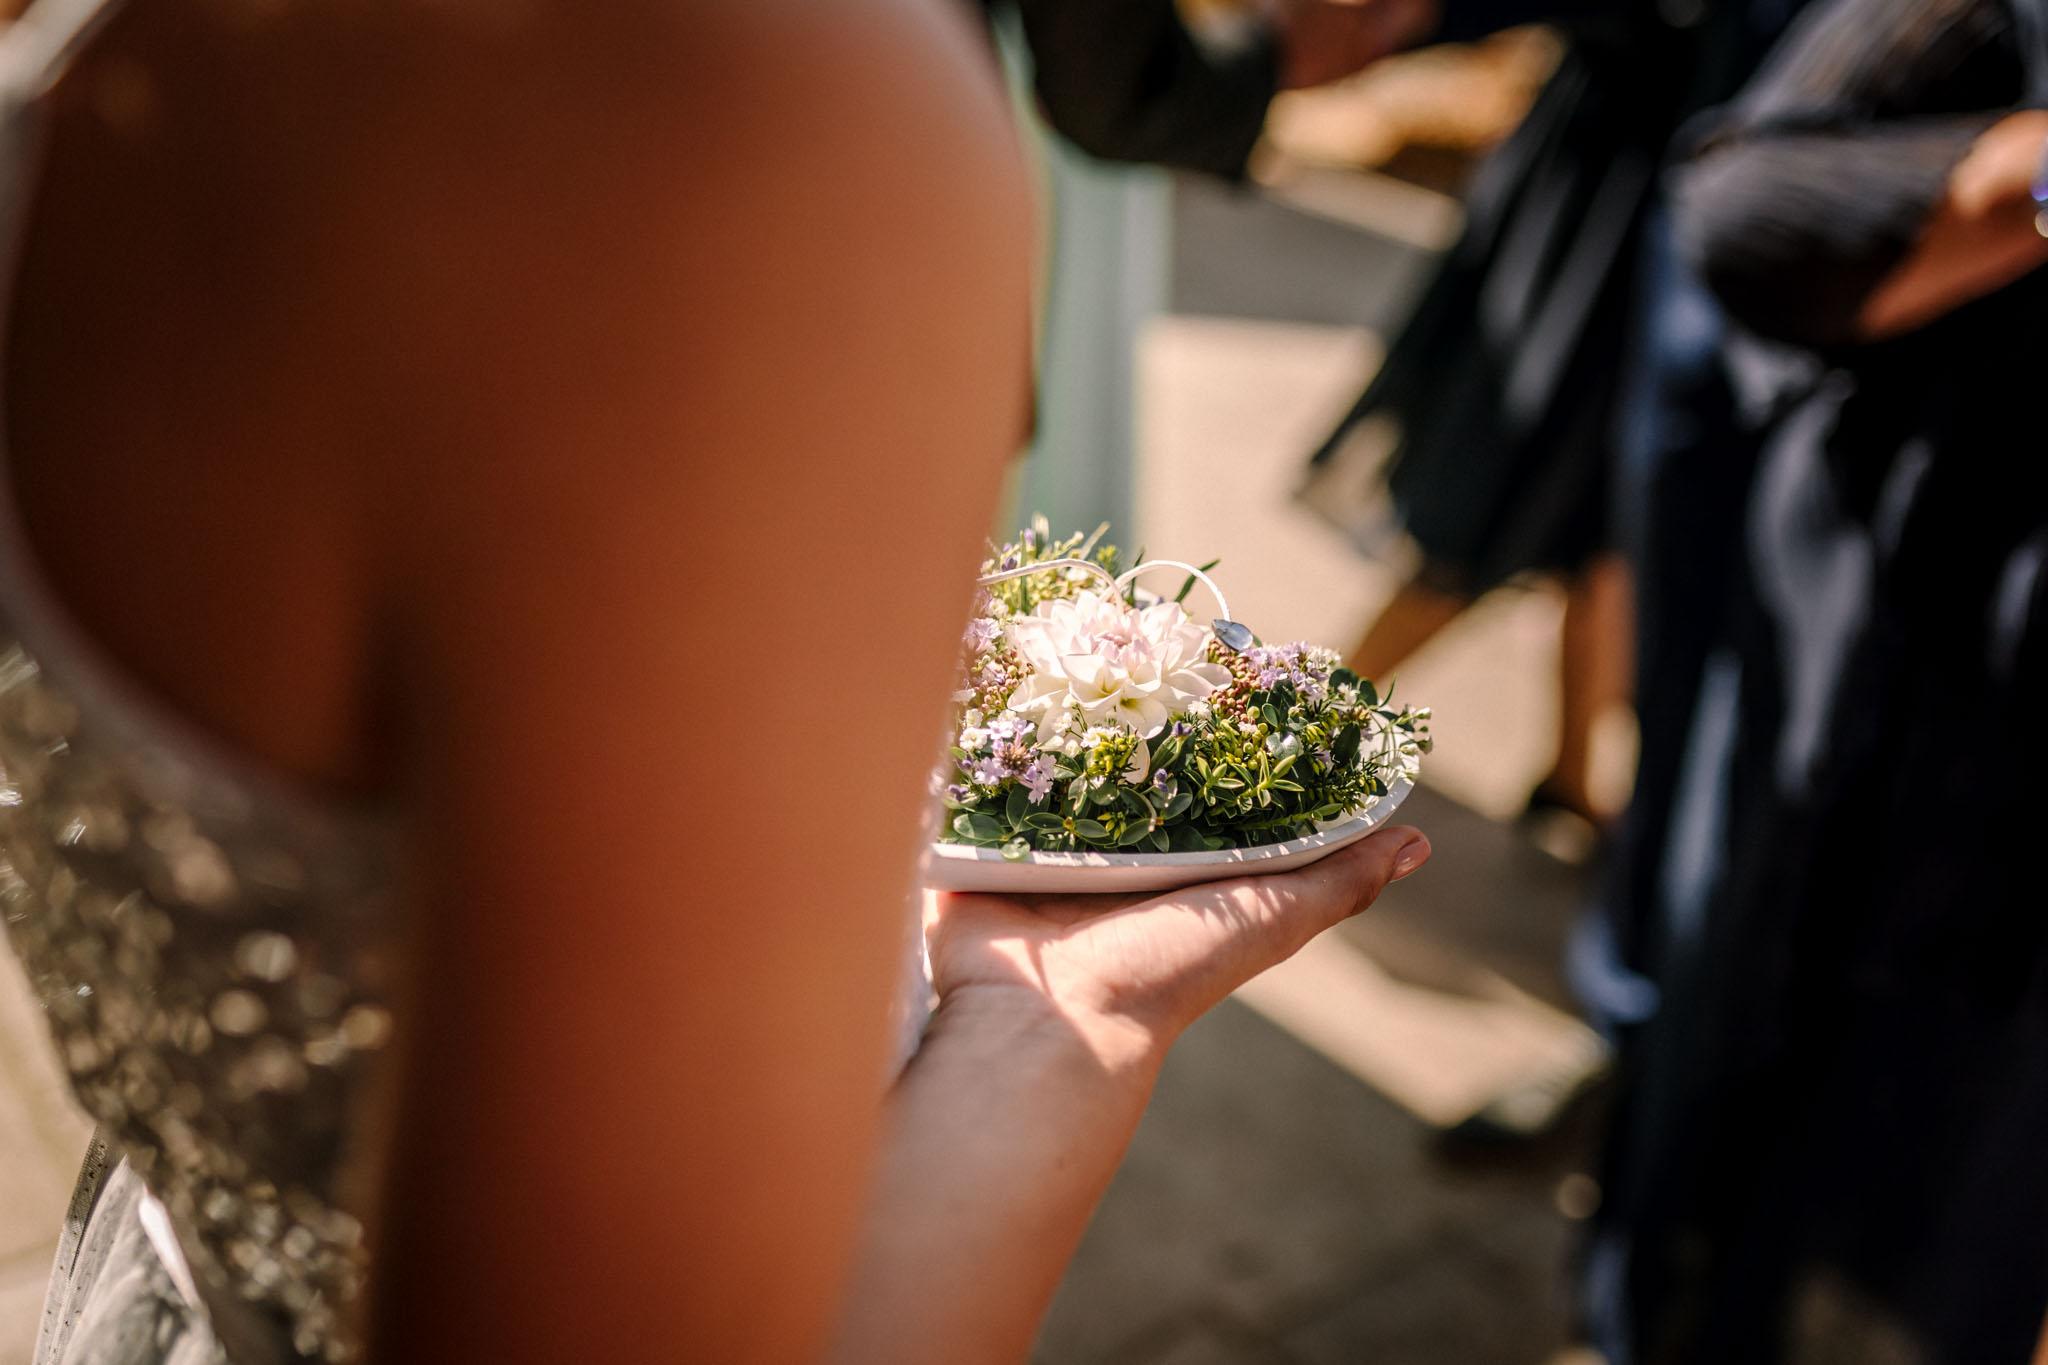 Hochzeitsfieber by Photo-Schomburg, Hochzeitsfotograf, Hamburg,Hochzeitstag, Hochzeitspaar, Braut, Bräutigam, Literaturhauscafe Zarrentin-9